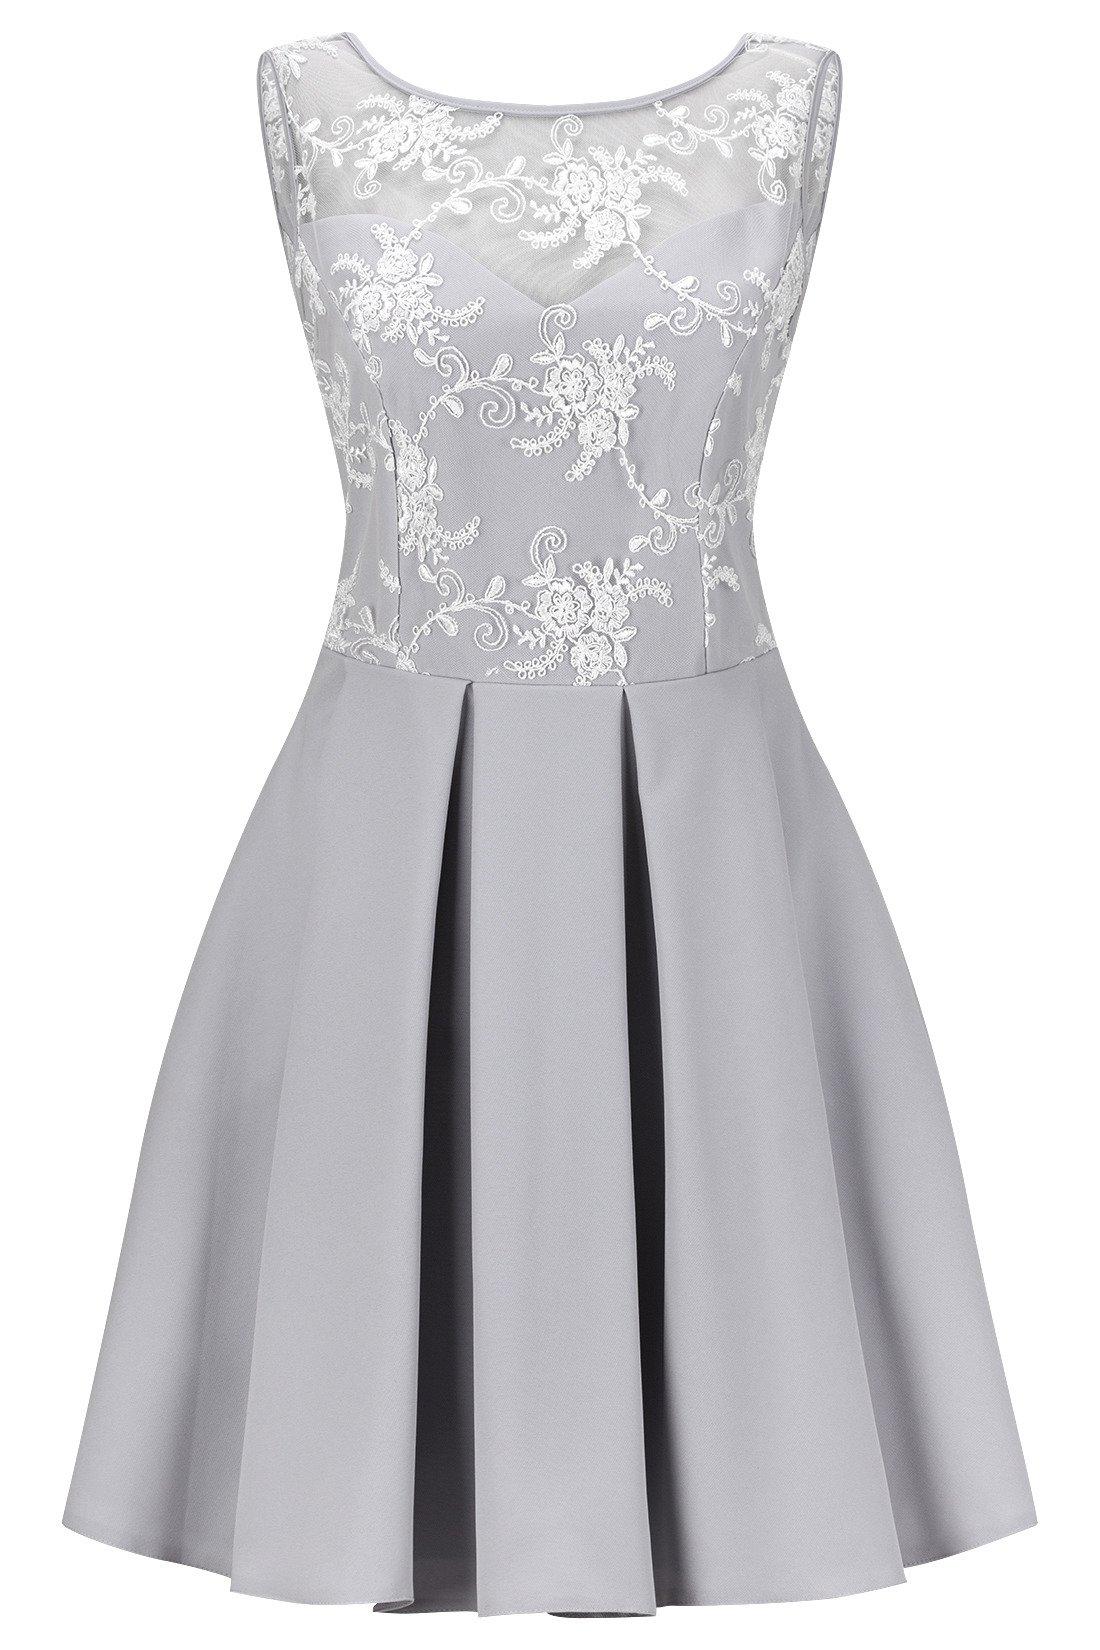 105f2dad46 Sukienka Koton III młodzieżowa rozkloszowana szara z białą koronką ...